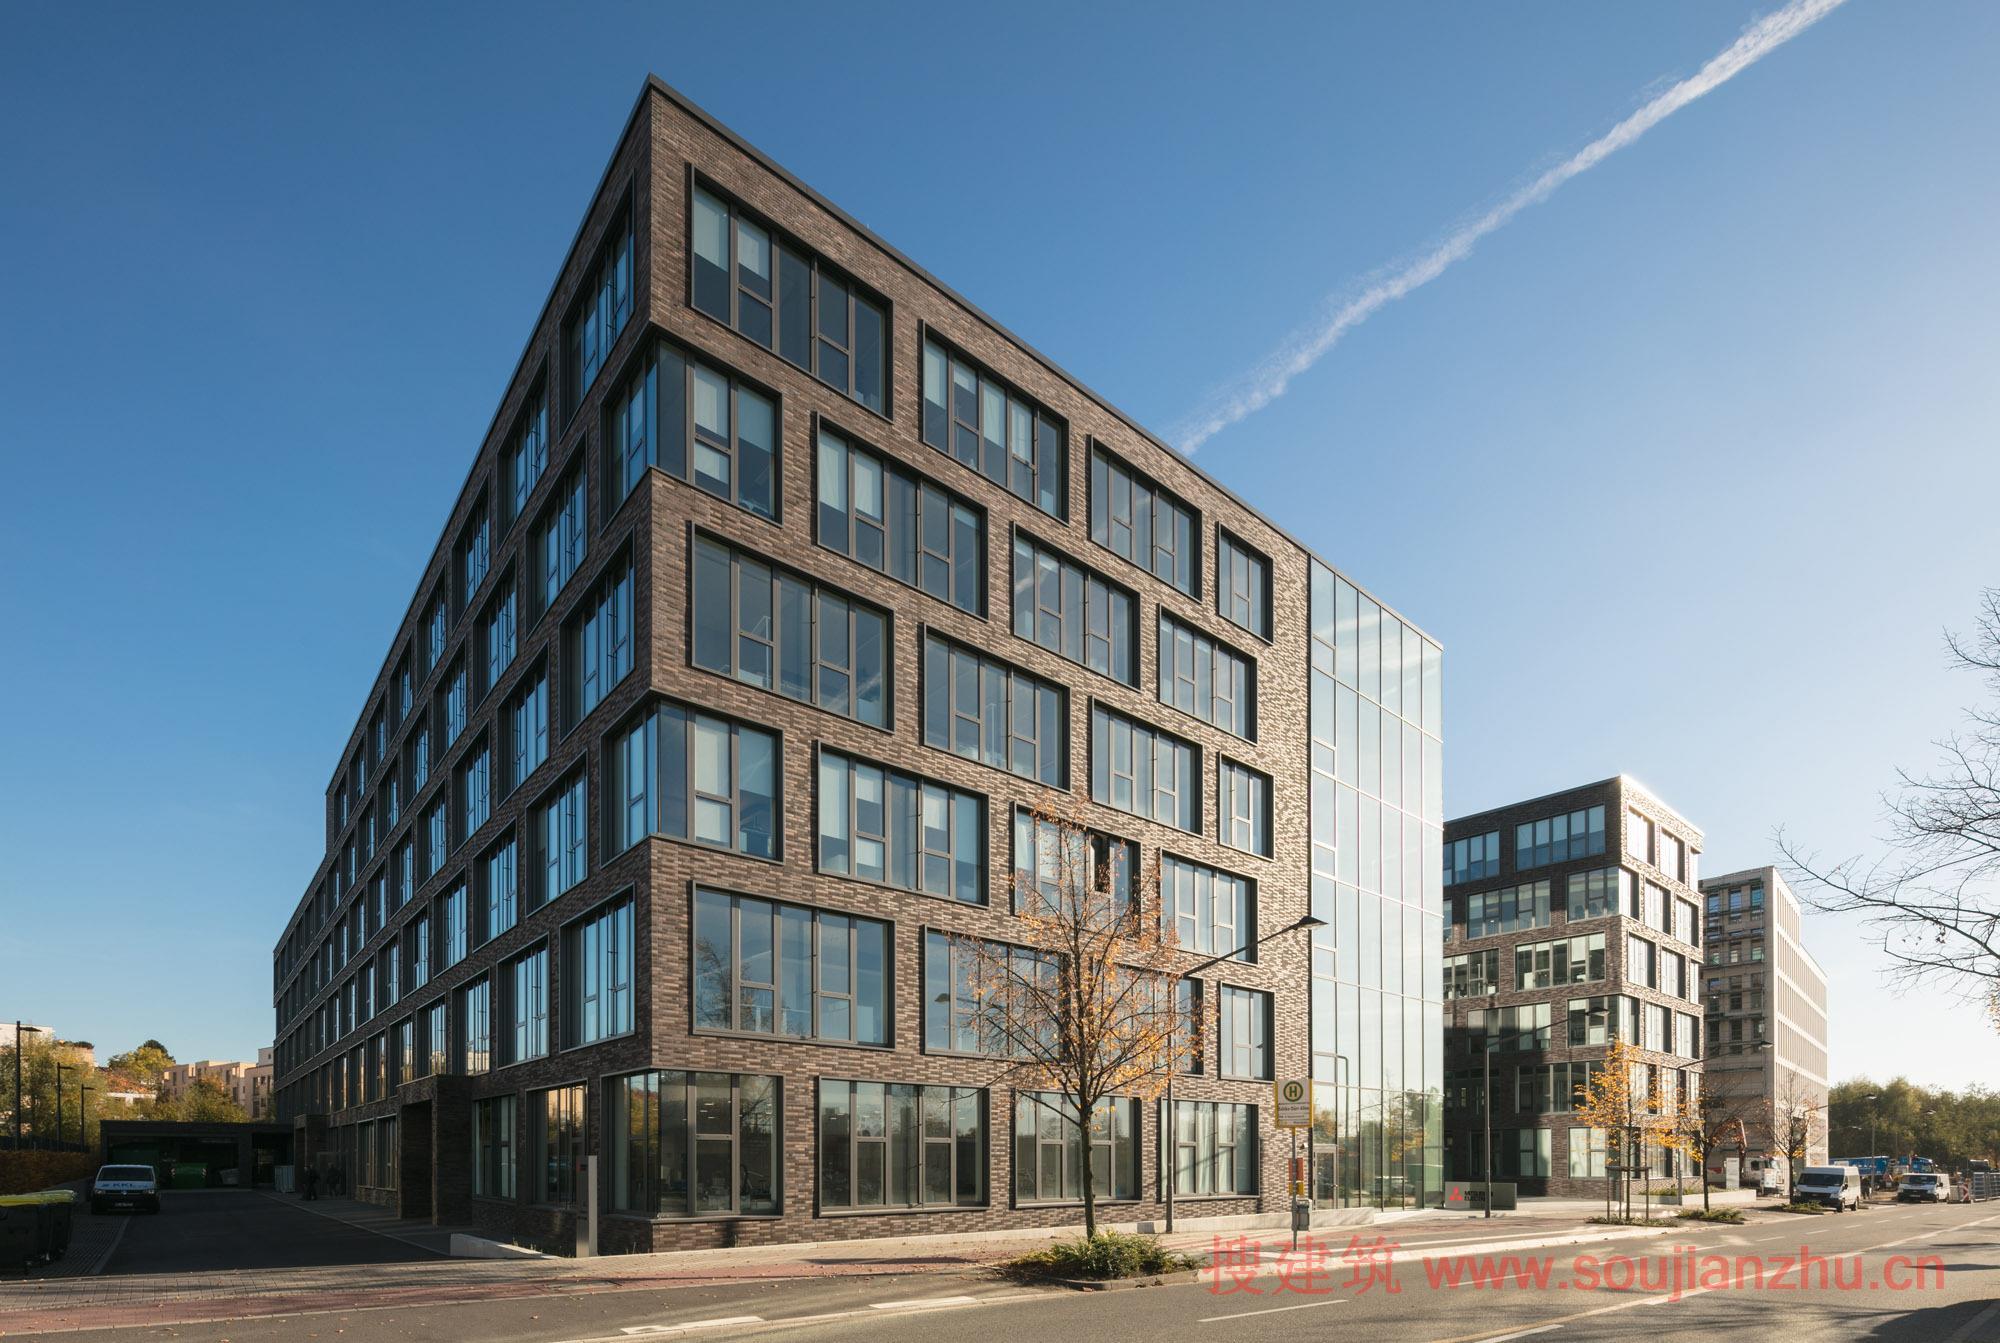 建筑师:Kresings 地点:德国 面积:37000平方米 年份:2015  欧洲三菱电机总部的新建筑的理念是在总共六层楼的内部实现不同的部门在水平和垂直向的连接。  该建筑有各种各样的使用类型空间,其包括办公室,会议室,车间和展览室,并围绕一个玻璃幕墙的连接走廊。由于其透明的外观,与建筑物的其他部分形成对比,它具有吸引力和欢迎的姿态,从远处就可以注意到。   灵活的家具,产品展示和小型会议室的多元化占用使得连接走廊成为公司的750名员工和任何访客的中心场所,从而促进互通和社交性,创造幸福感。它作为建筑